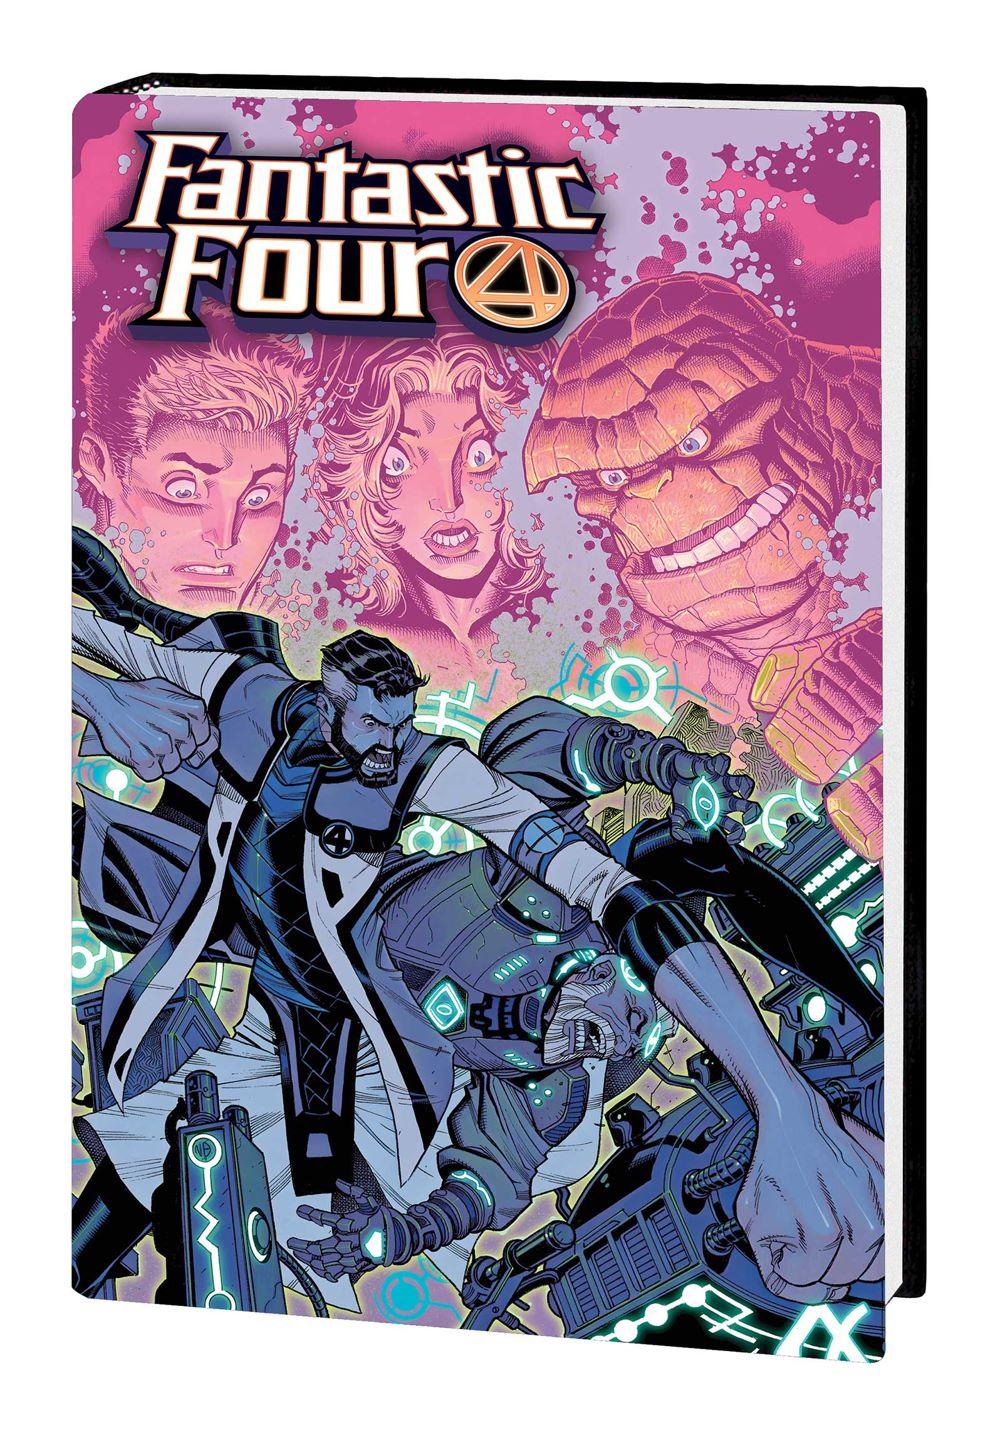 FF_DAN_SLOTT_VOL_2_HC Marvel Comics August 2021 Solicitations